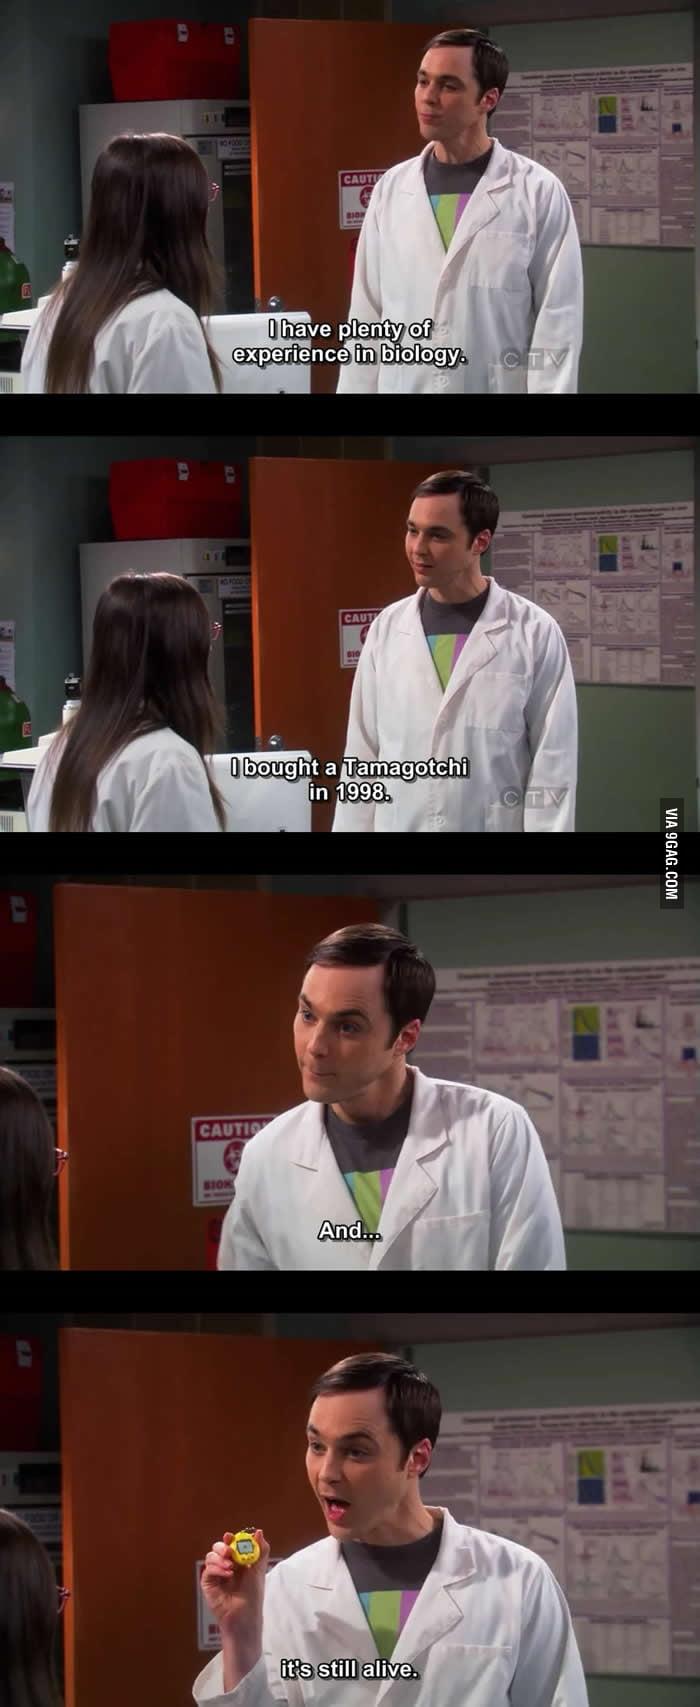 Sheldon has plenty of experience in biology.